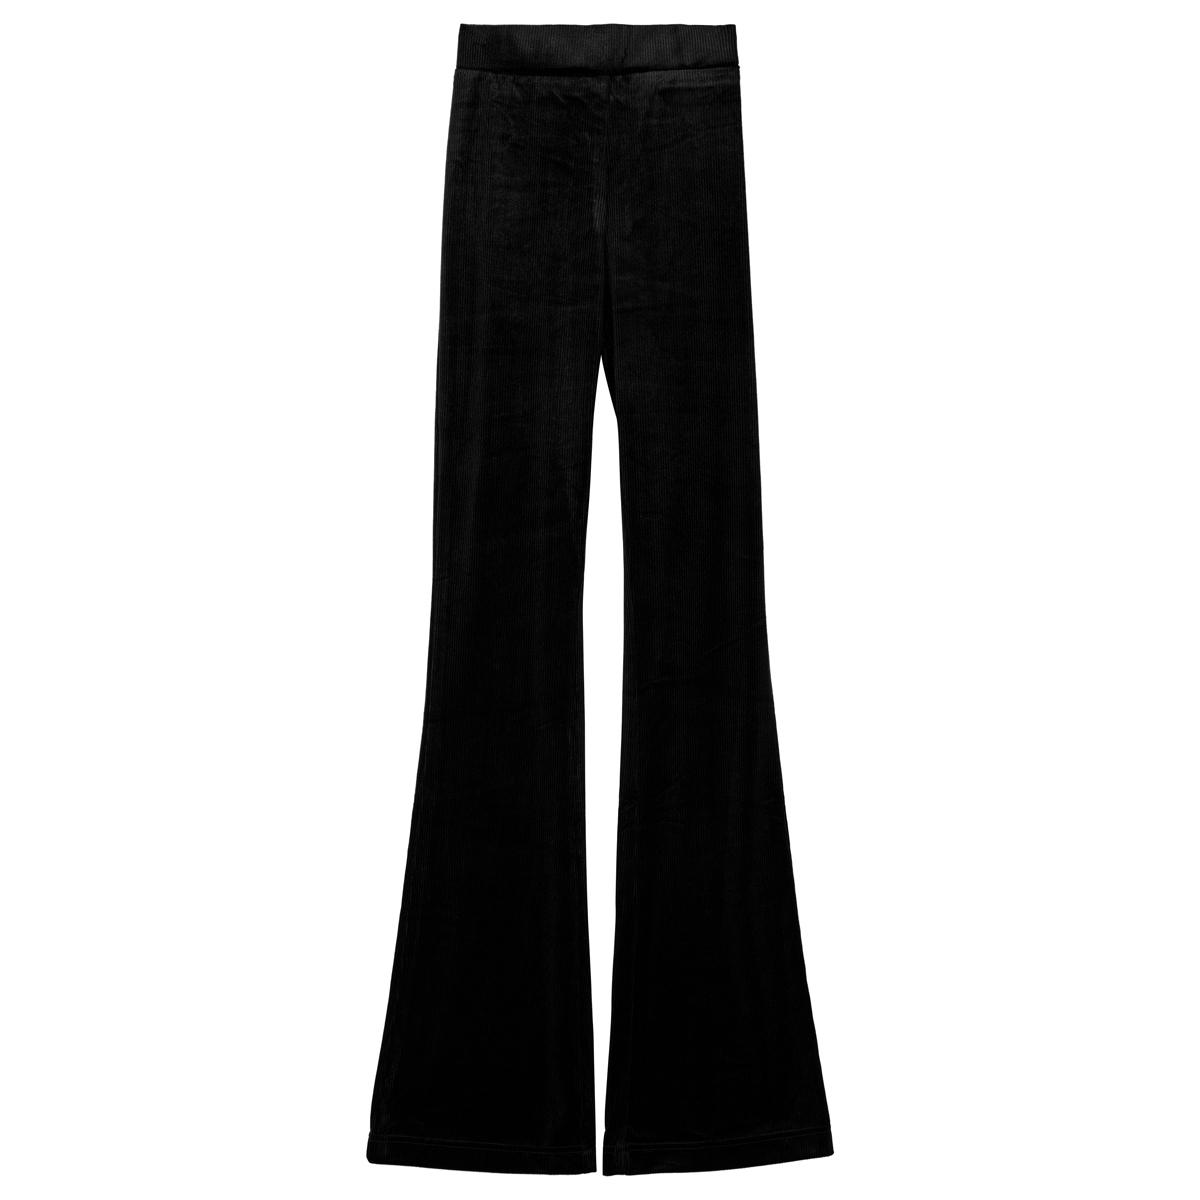 Pantalon flare black